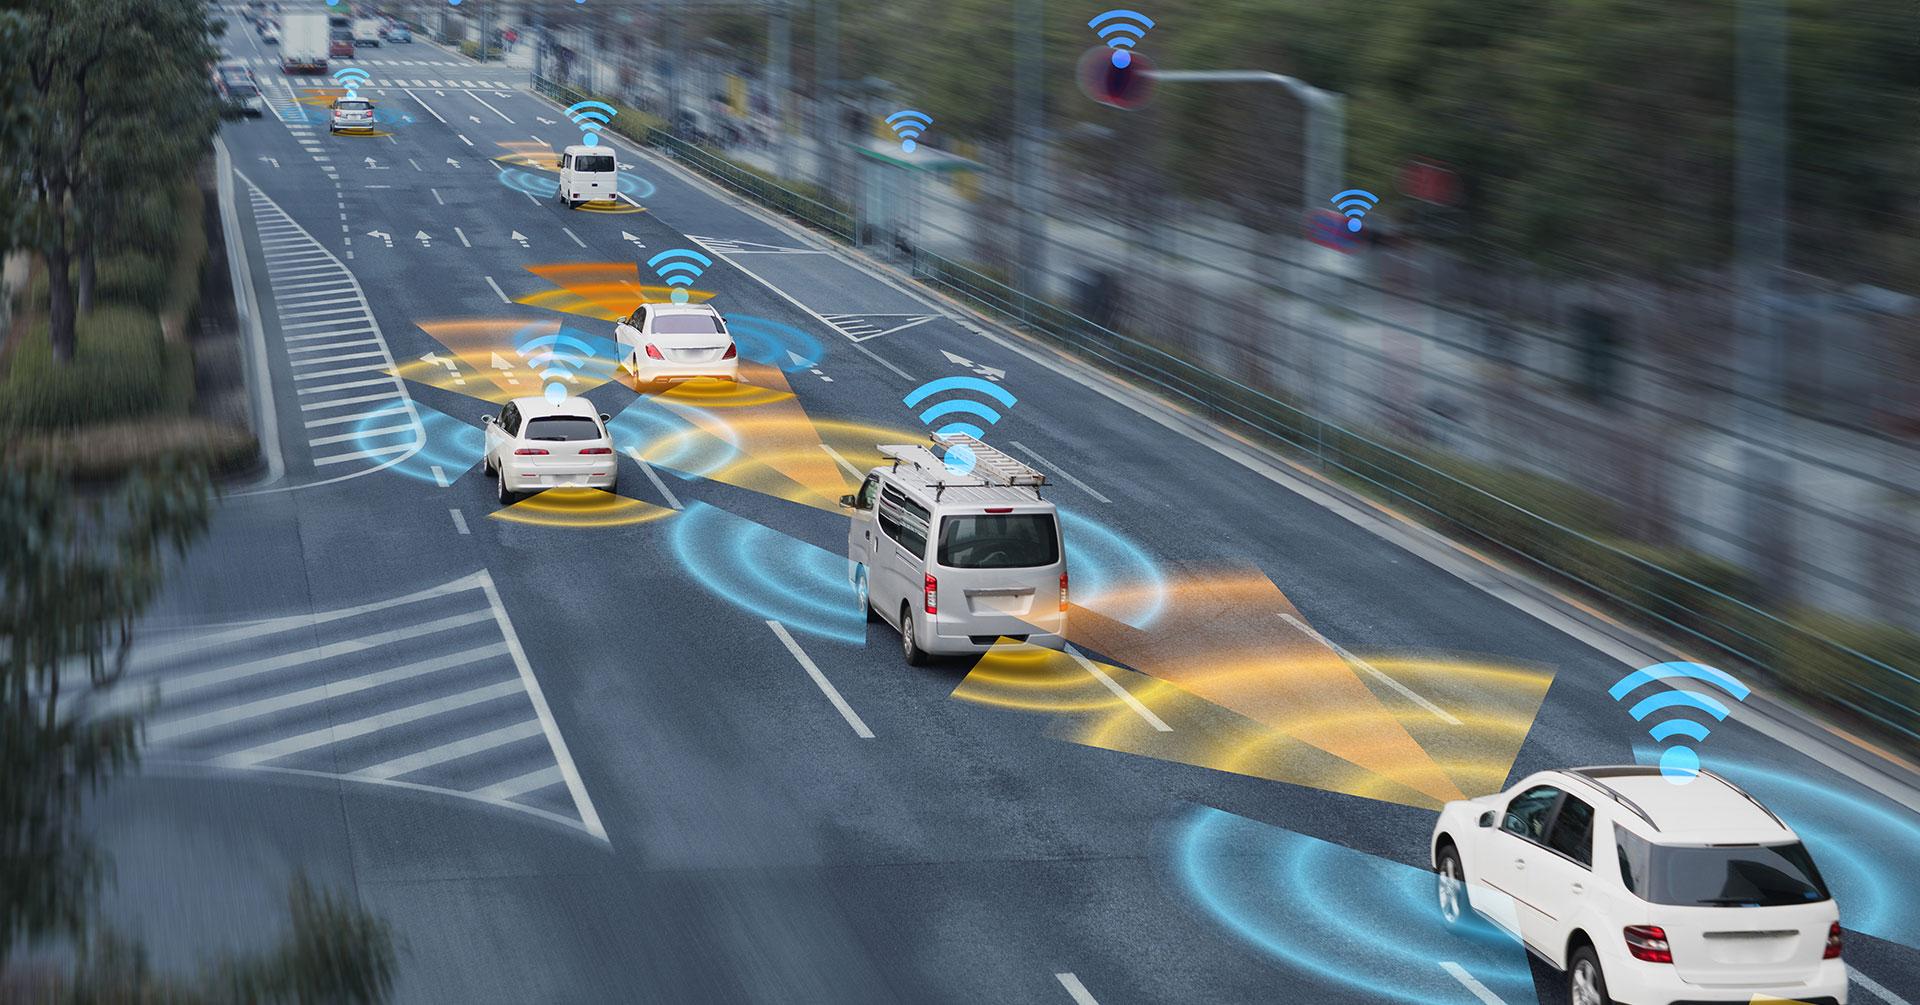 Luminar Takes AV to Safer Distances